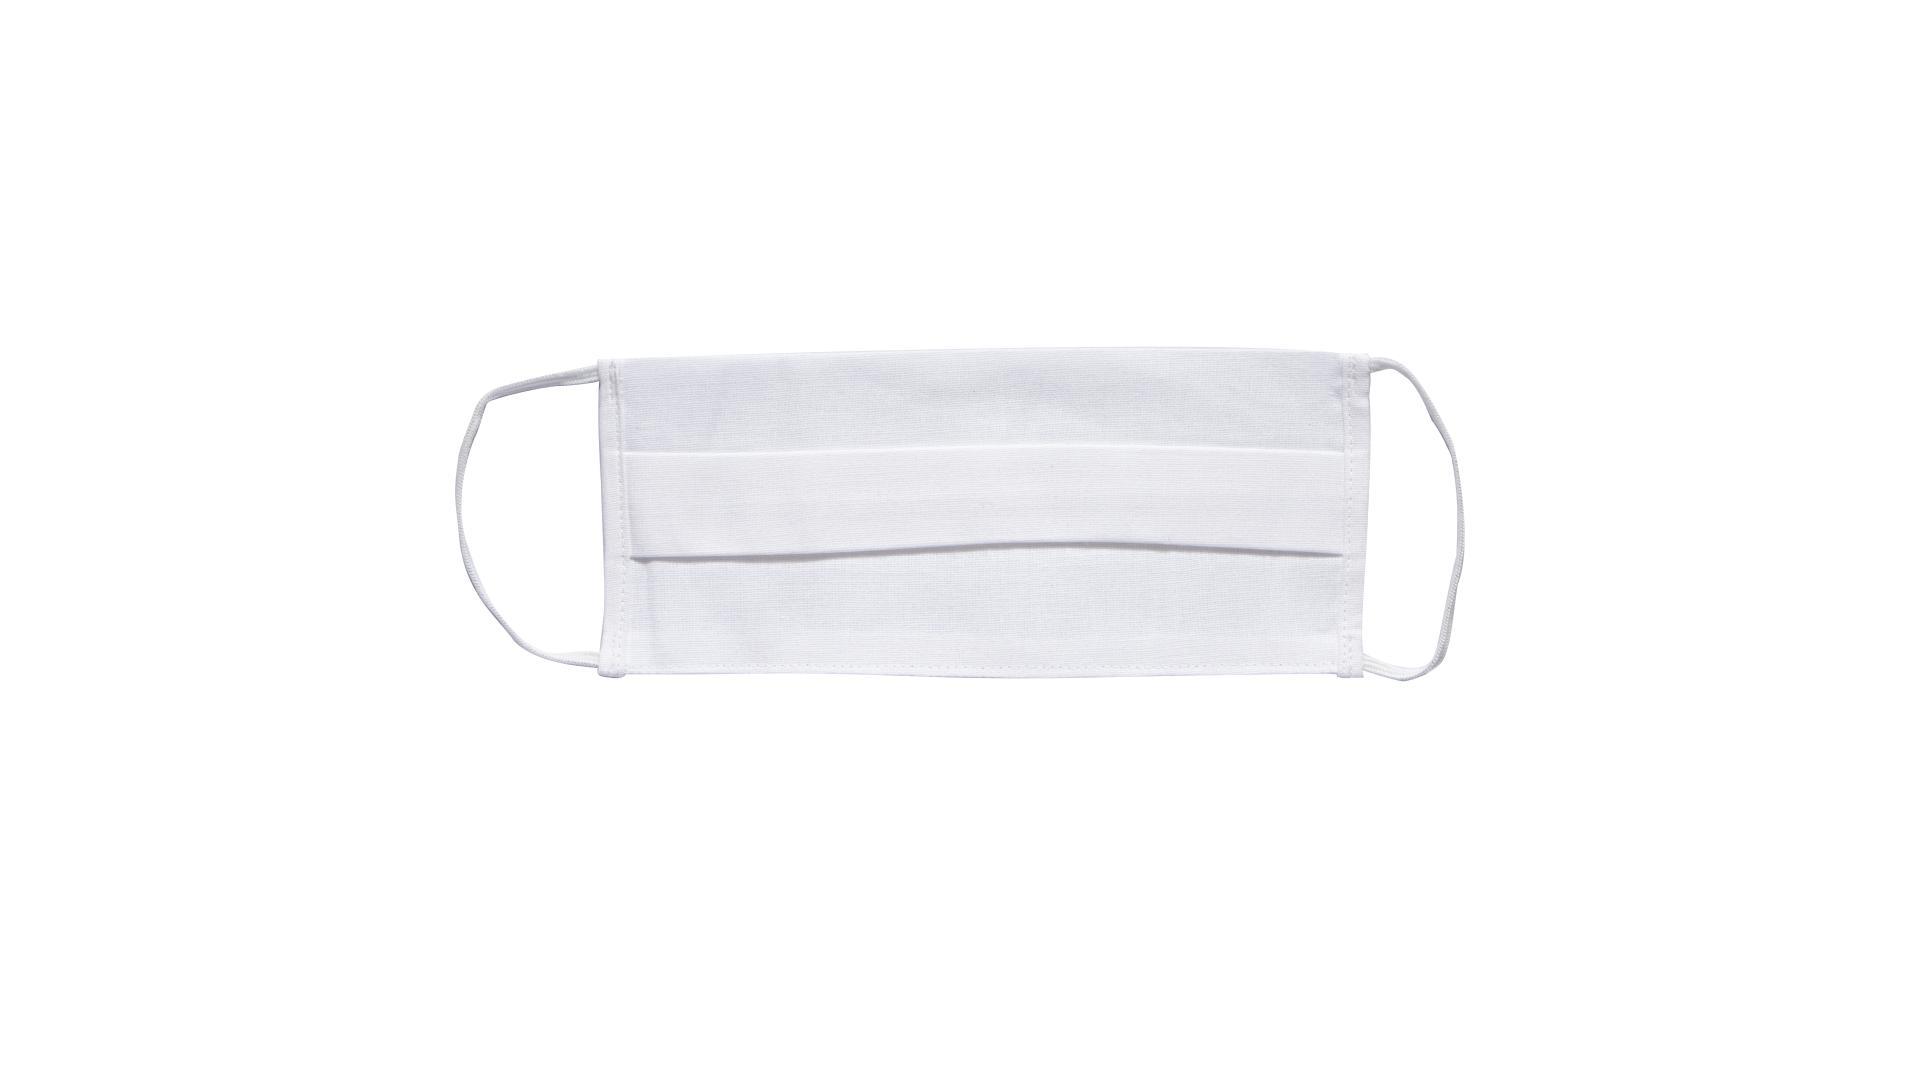 4CARS Dvouvrstvé ochranné bavlněné rouško bílé s gumičkou 1ks - větší